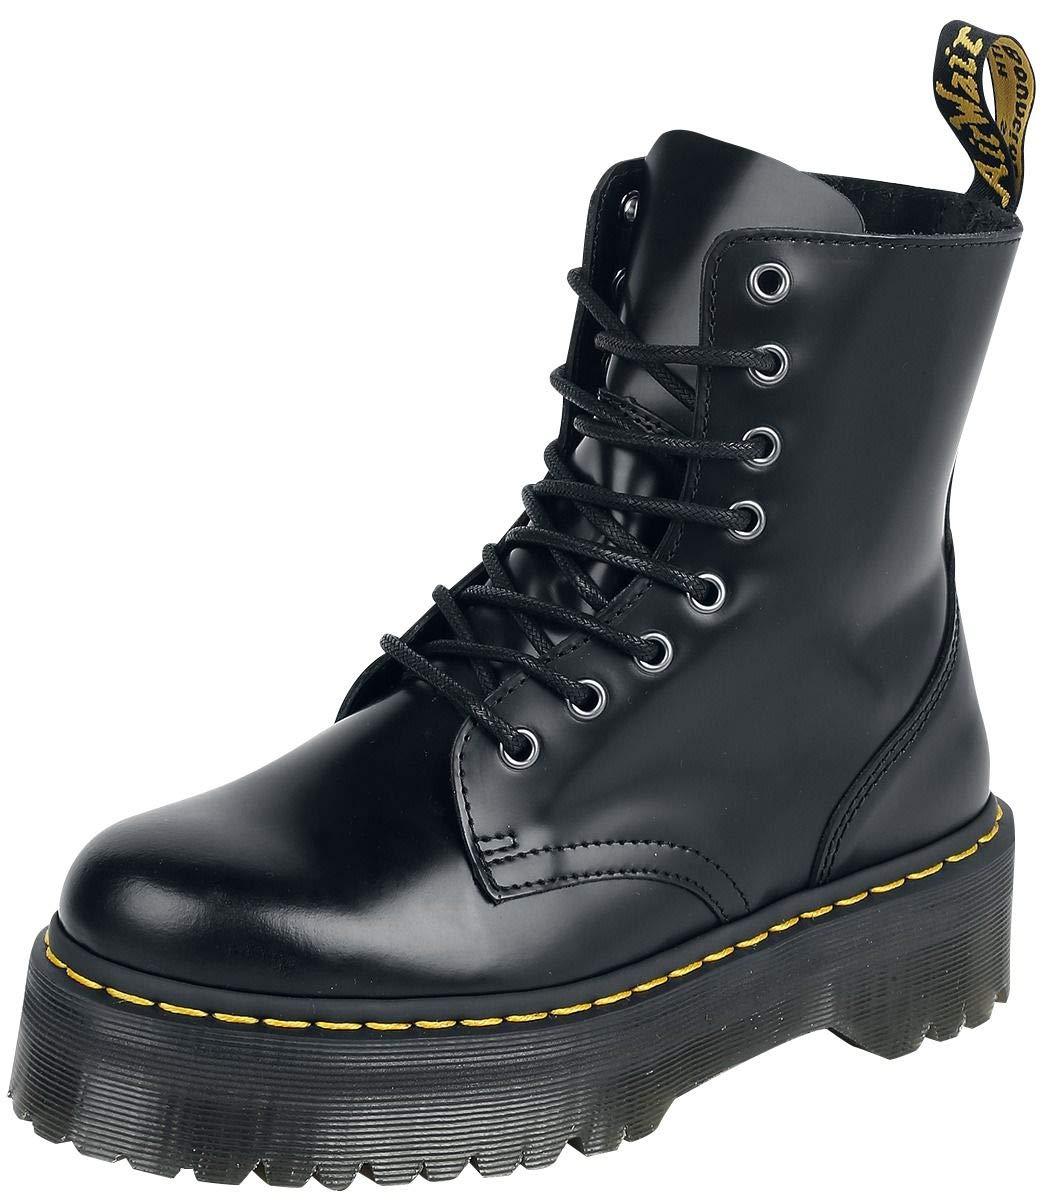 Dr. martens 15265001 jadon polished smooth, scarpe stringate basse brogue uomo R22563600000030